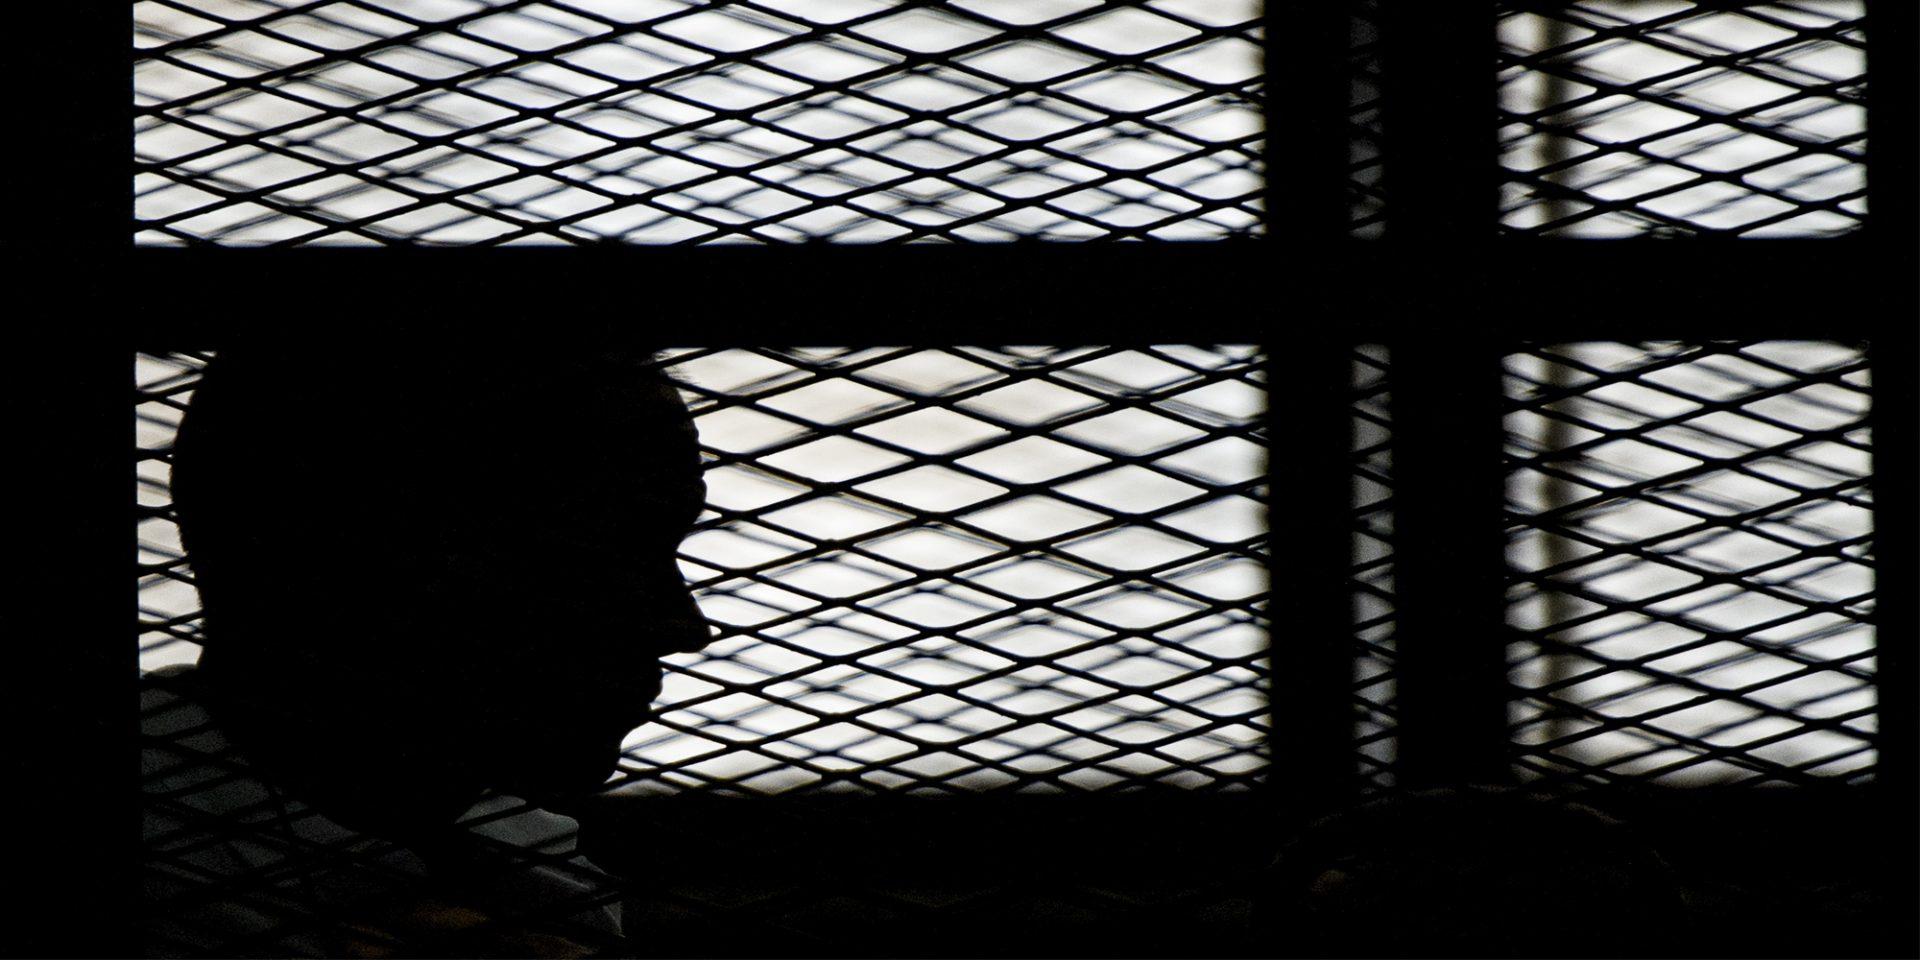 cairo-prison-